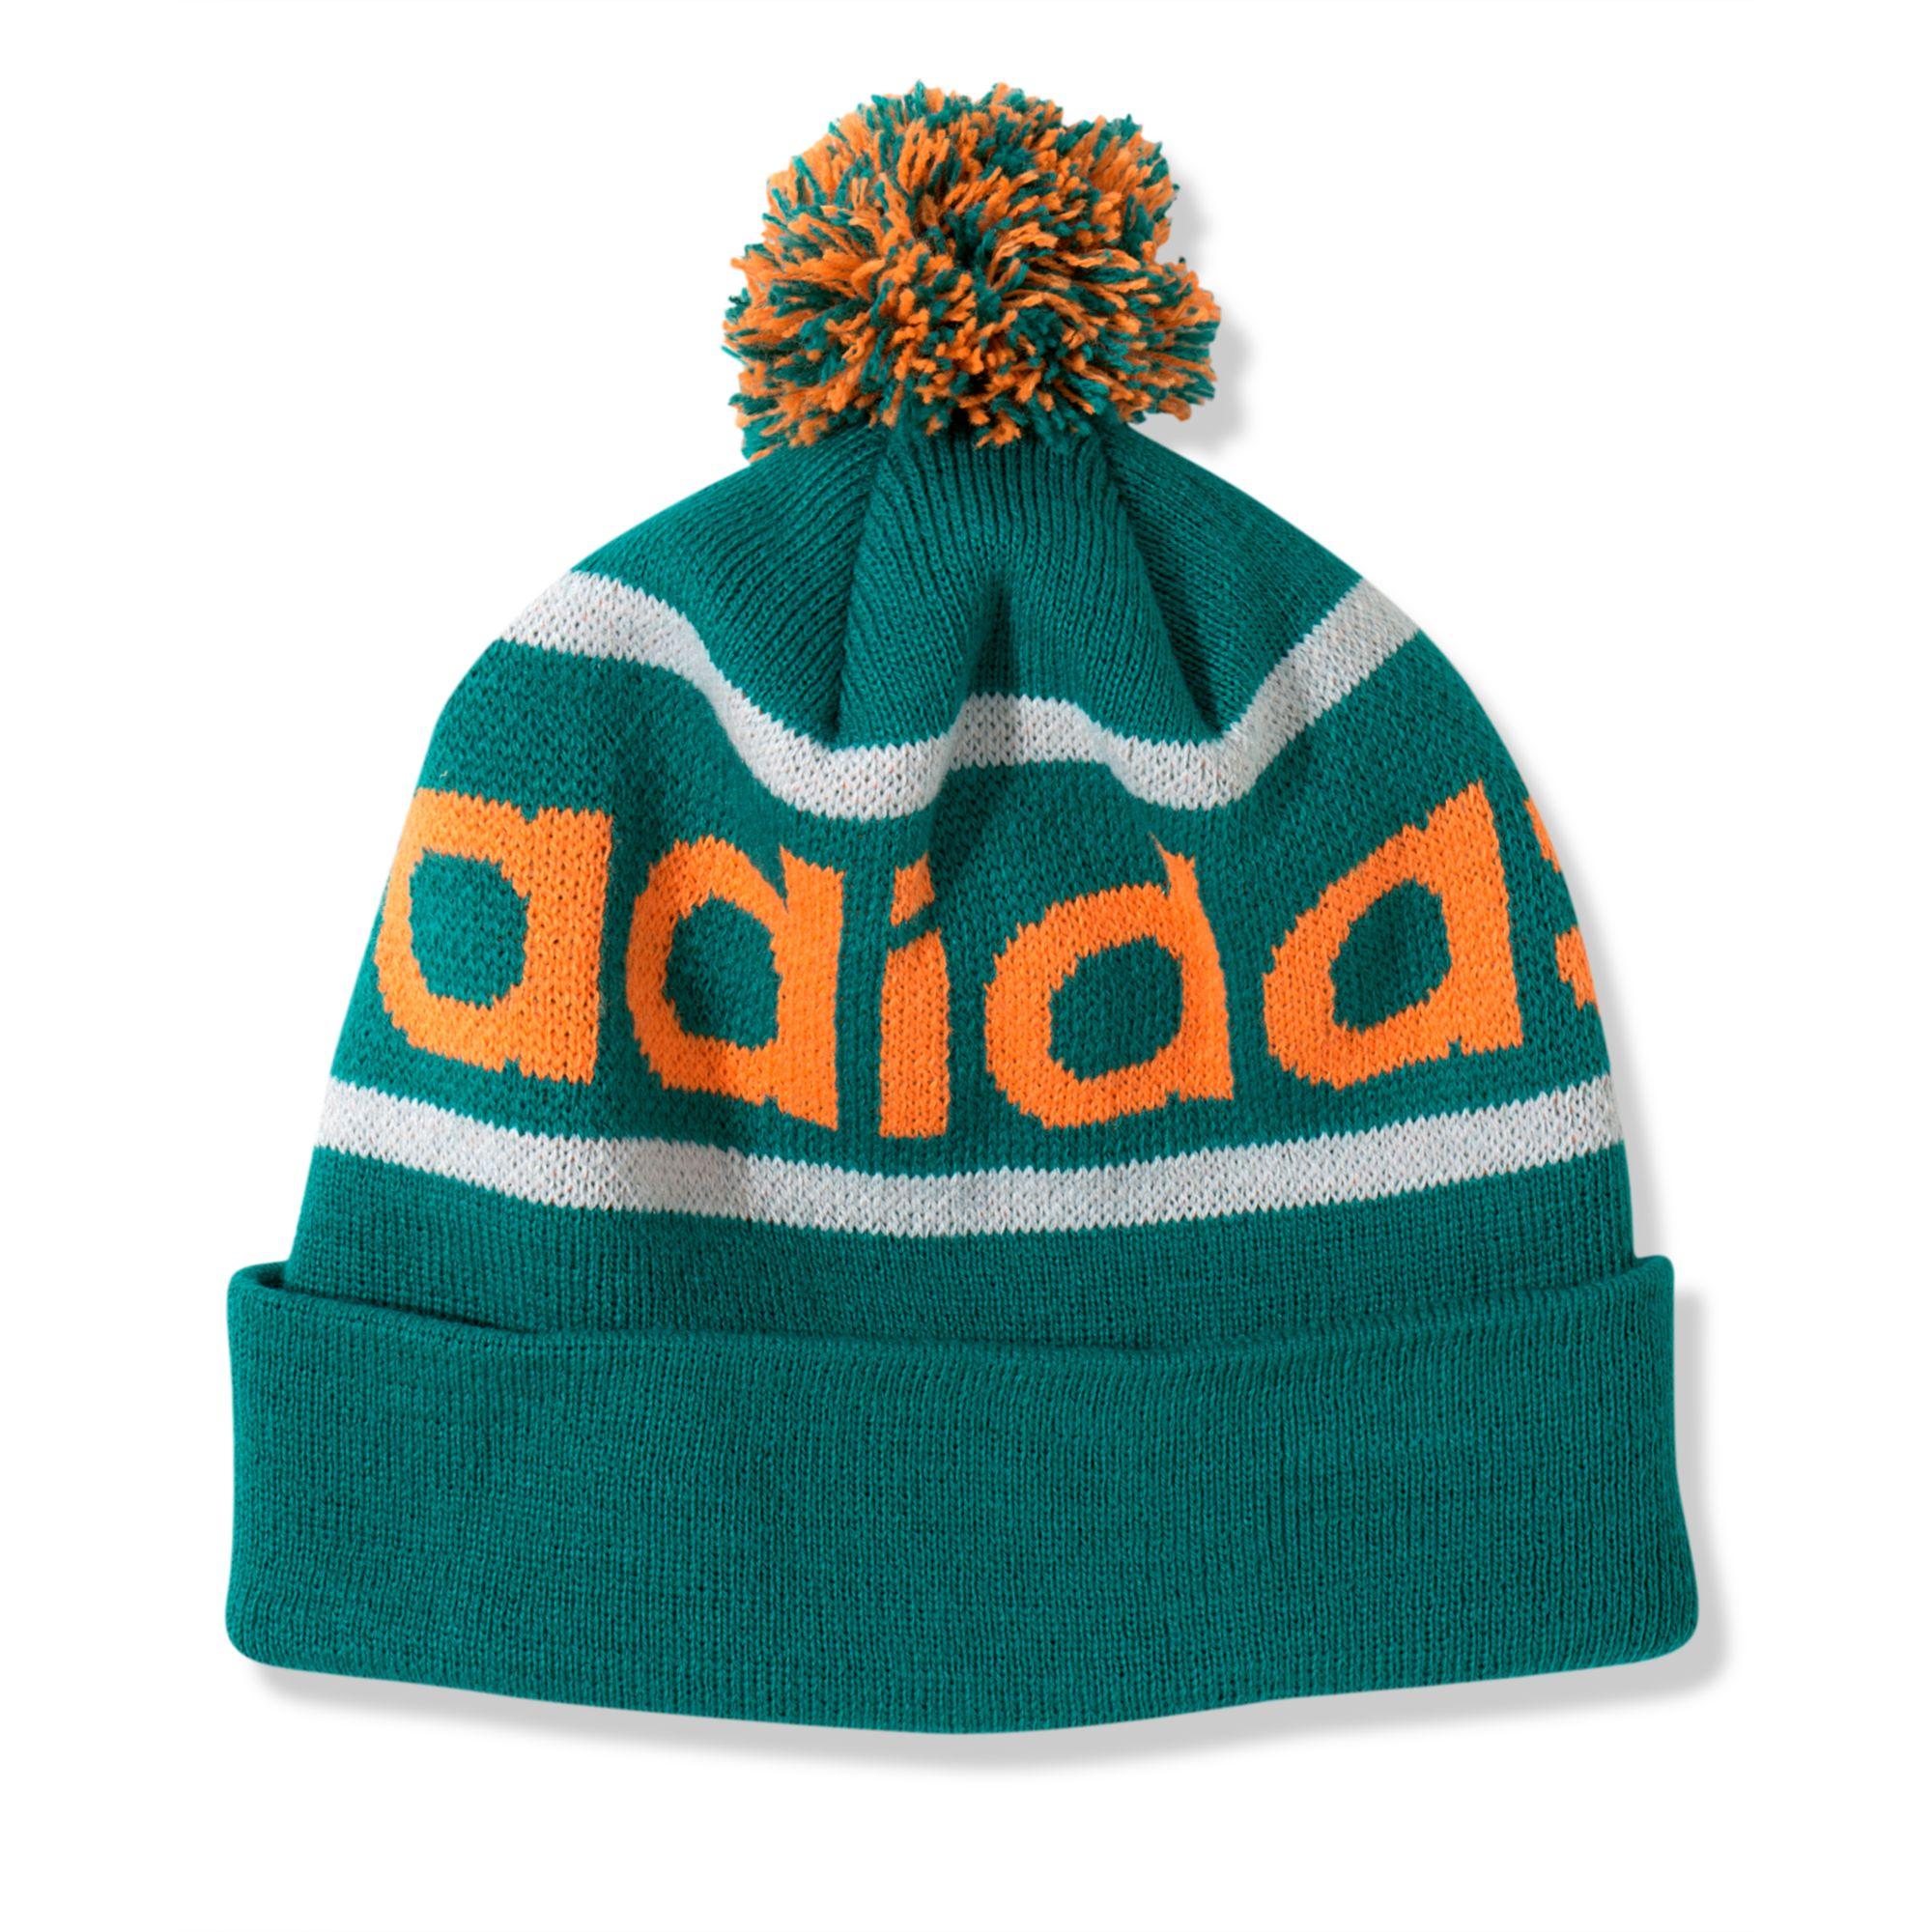 b76baa4e4ff Lyst - Adidas Adi Originals Mercer Ballie Climawarm Pom Pom Hat in ...